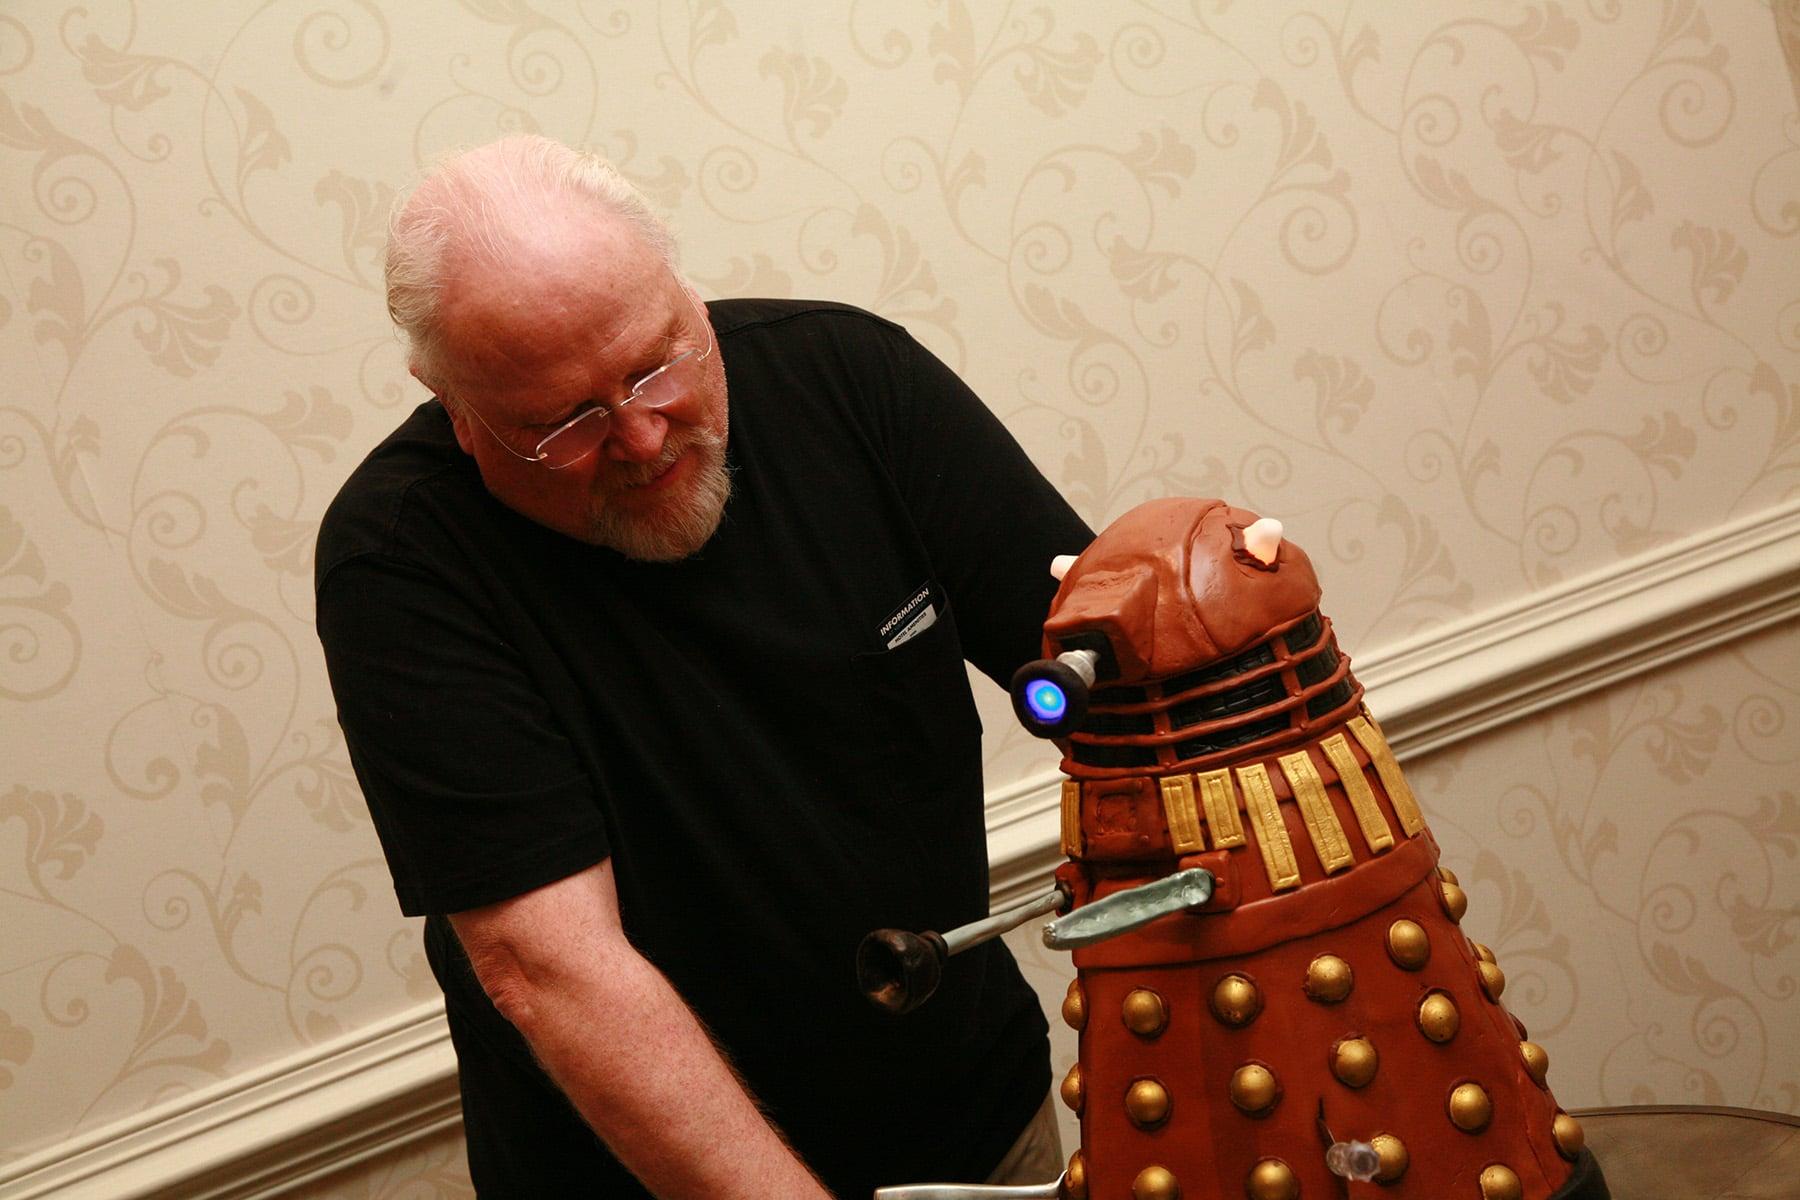 Colin Baker admiring the Dalek Cake